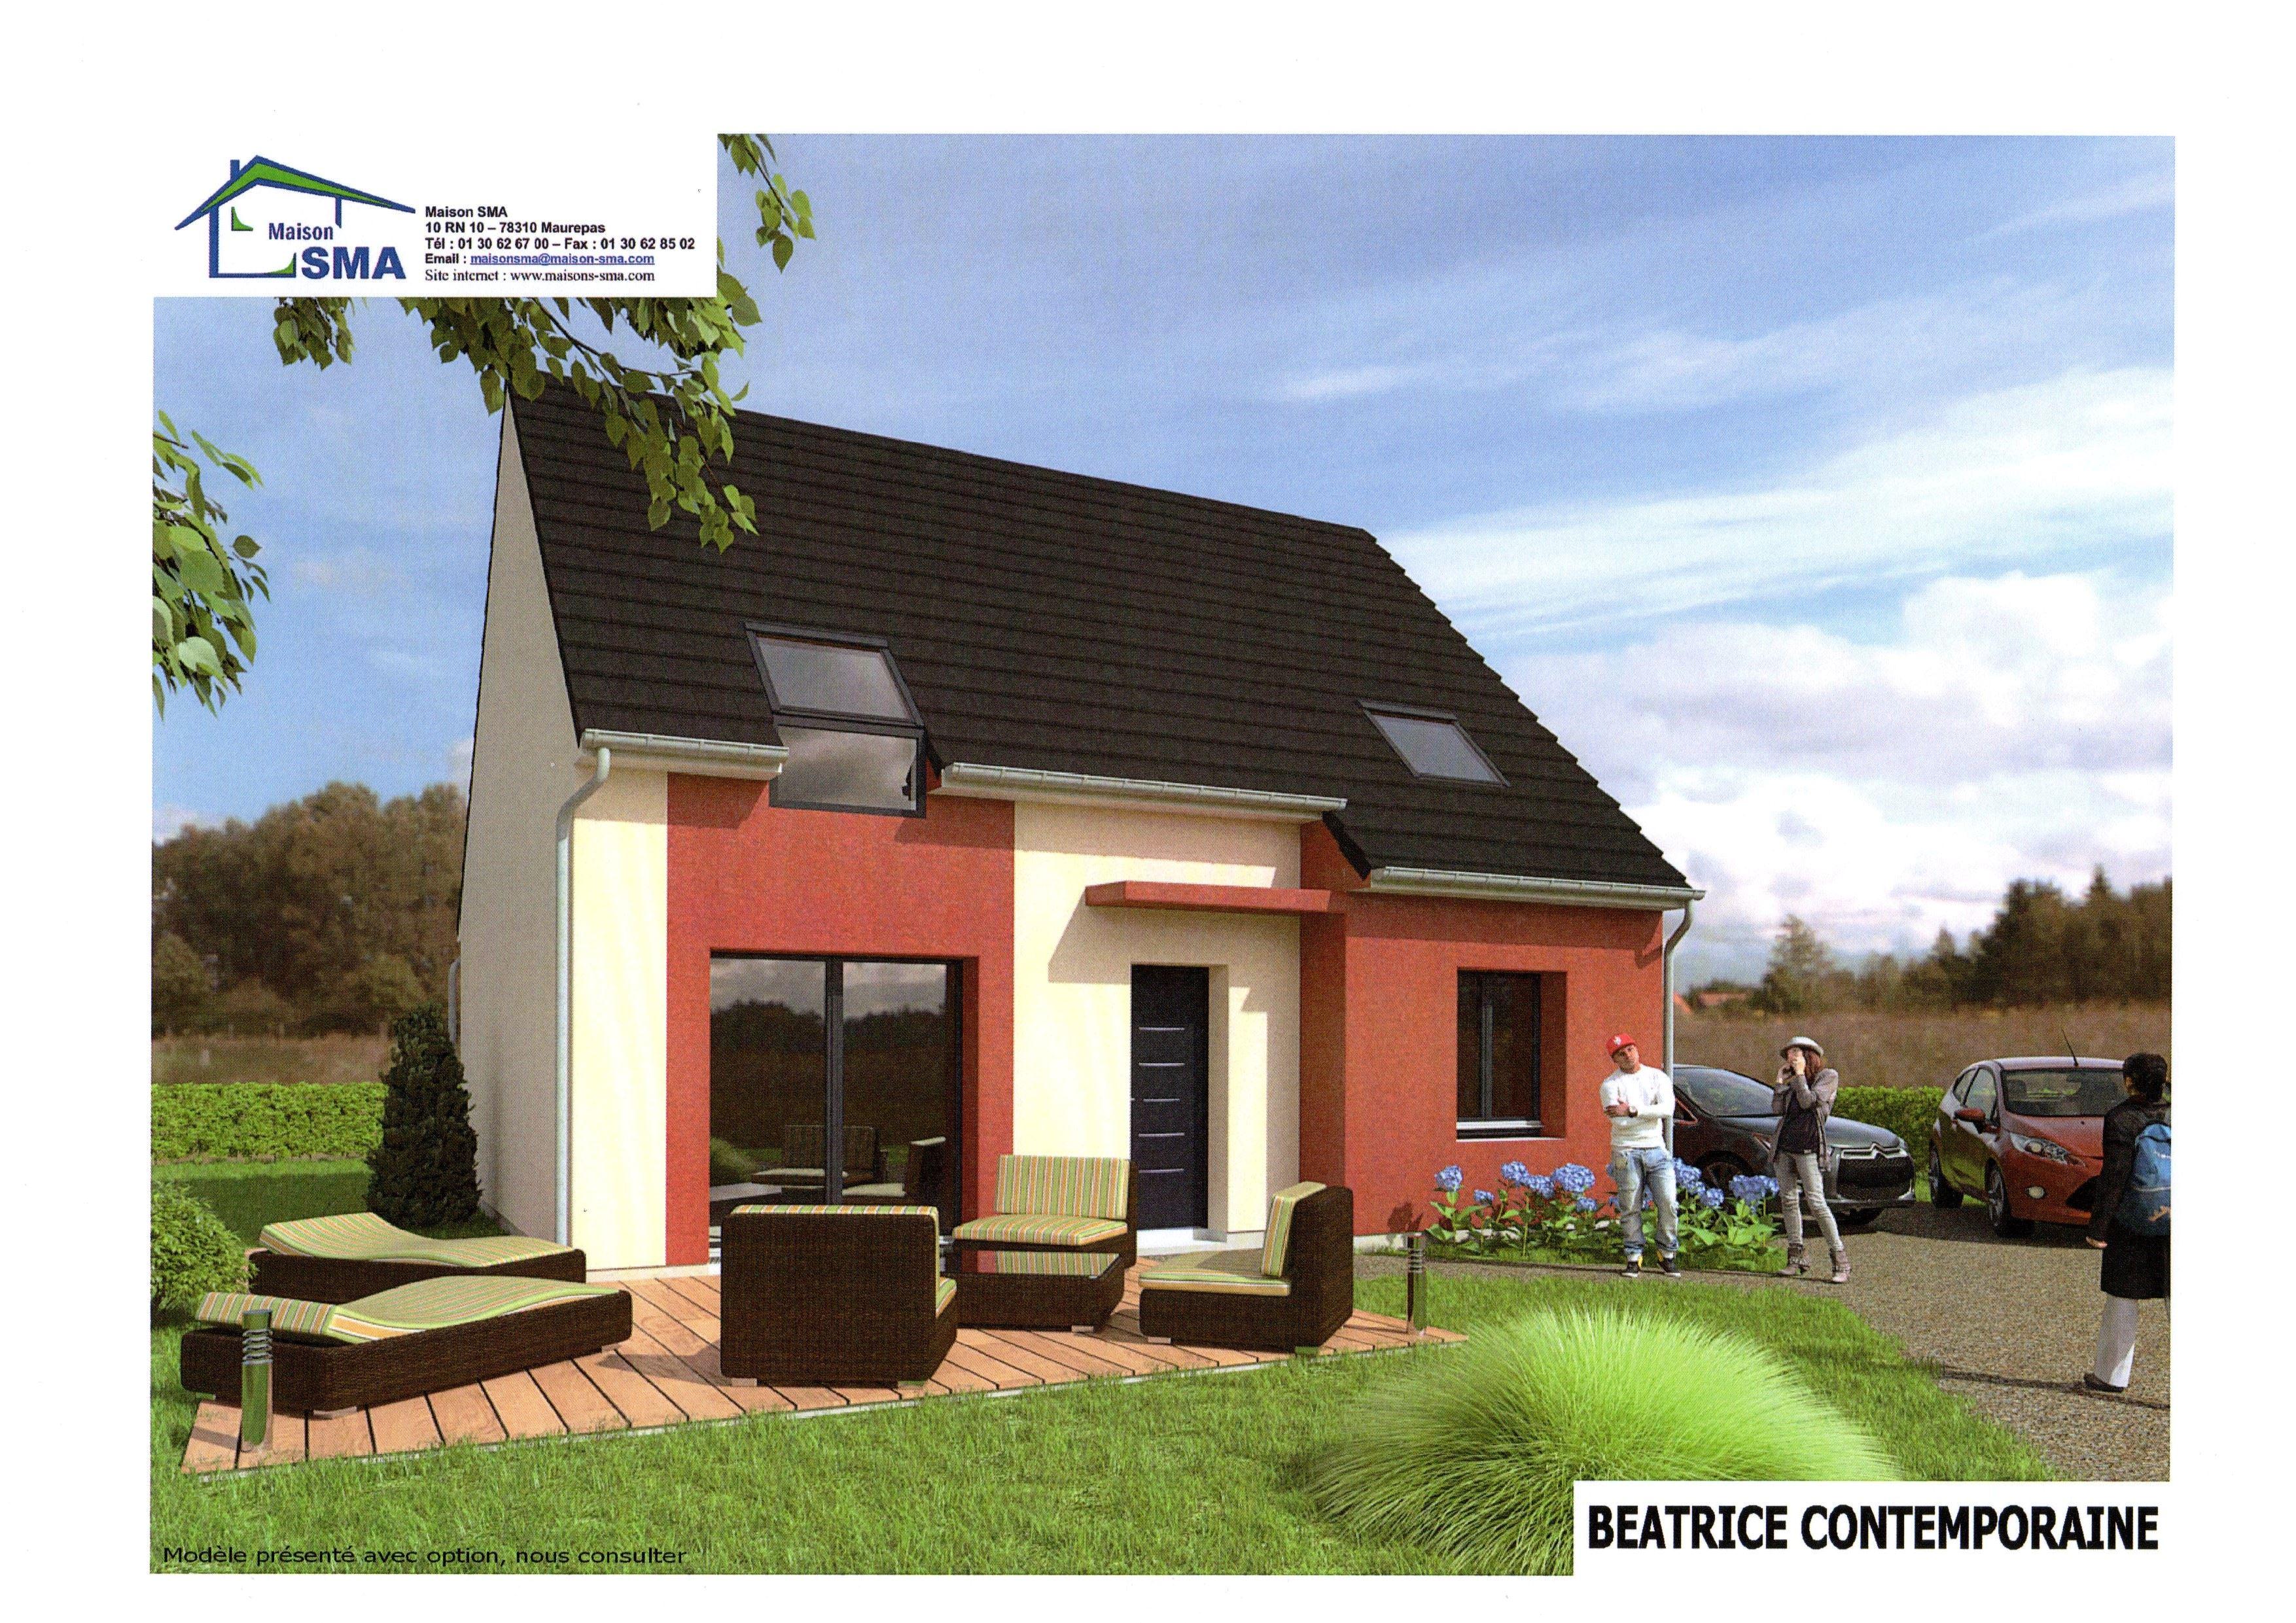 Maisons + Terrains du constructeur MAISON SMA • 100 m² • BAZAINVILLE